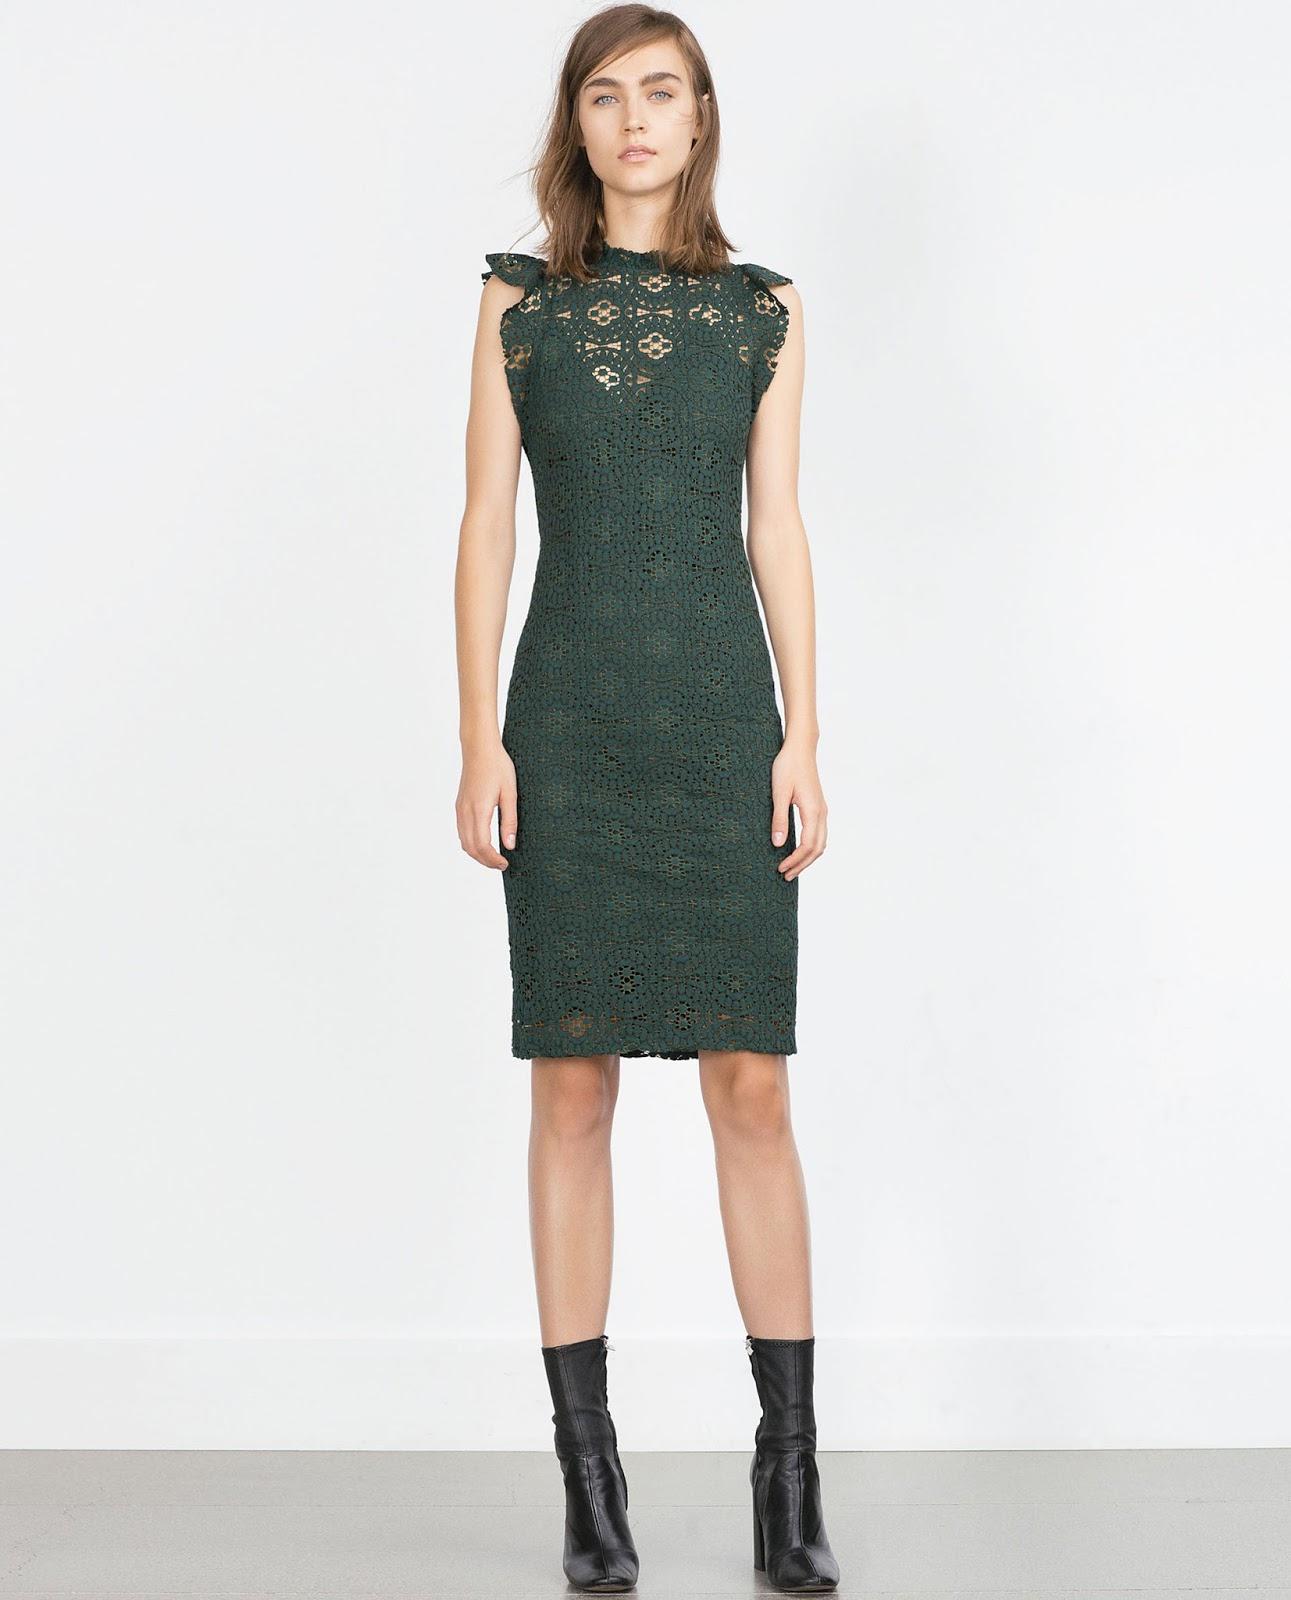 Eniwhere Fashion - Zara's Wishlist - Natale - dress